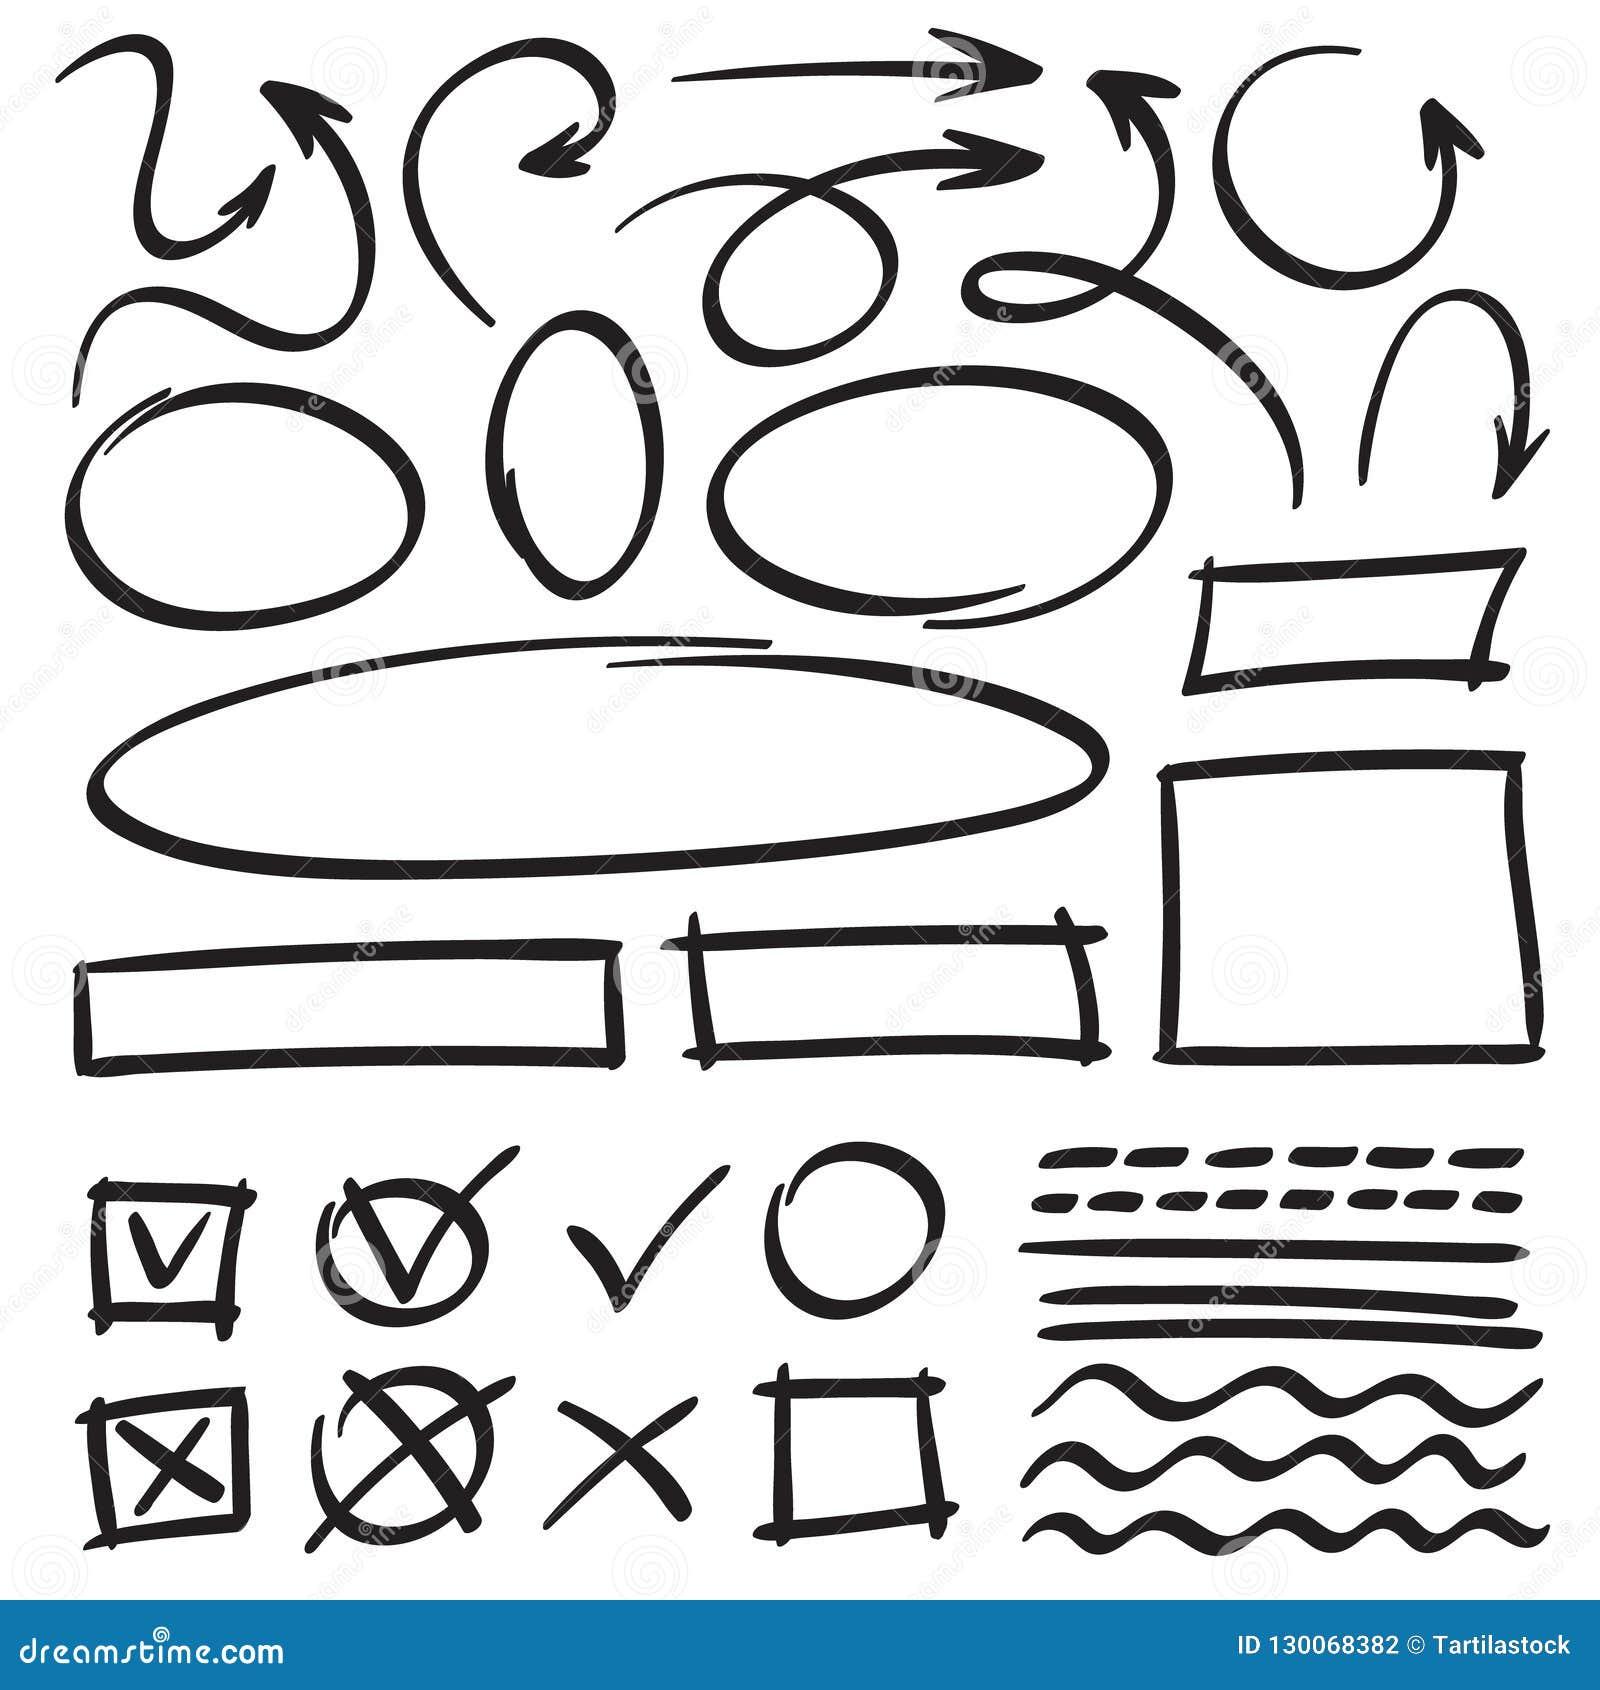 Стрелки и рамки эскиза Круг руки вычерченный, овальная рамка и doodles стрелки Указатели мультфильма и линии набор вектора